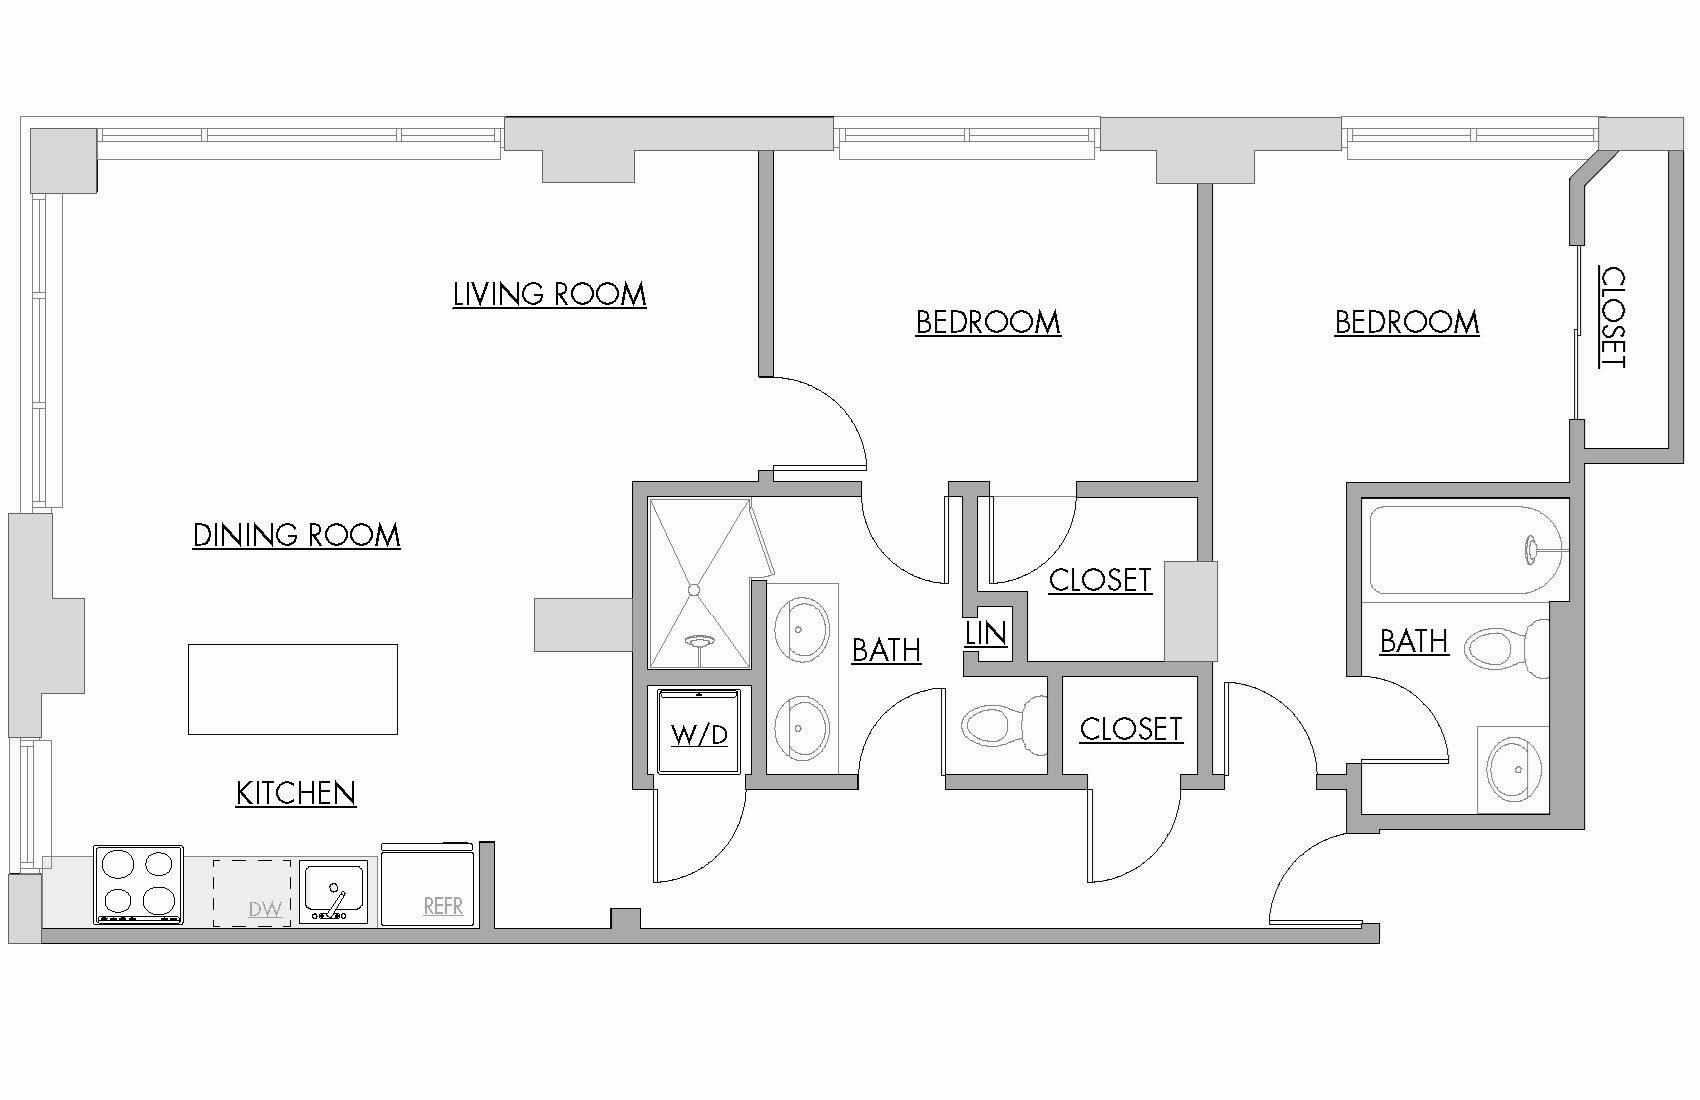 Two Bedroom Floor Plan 11